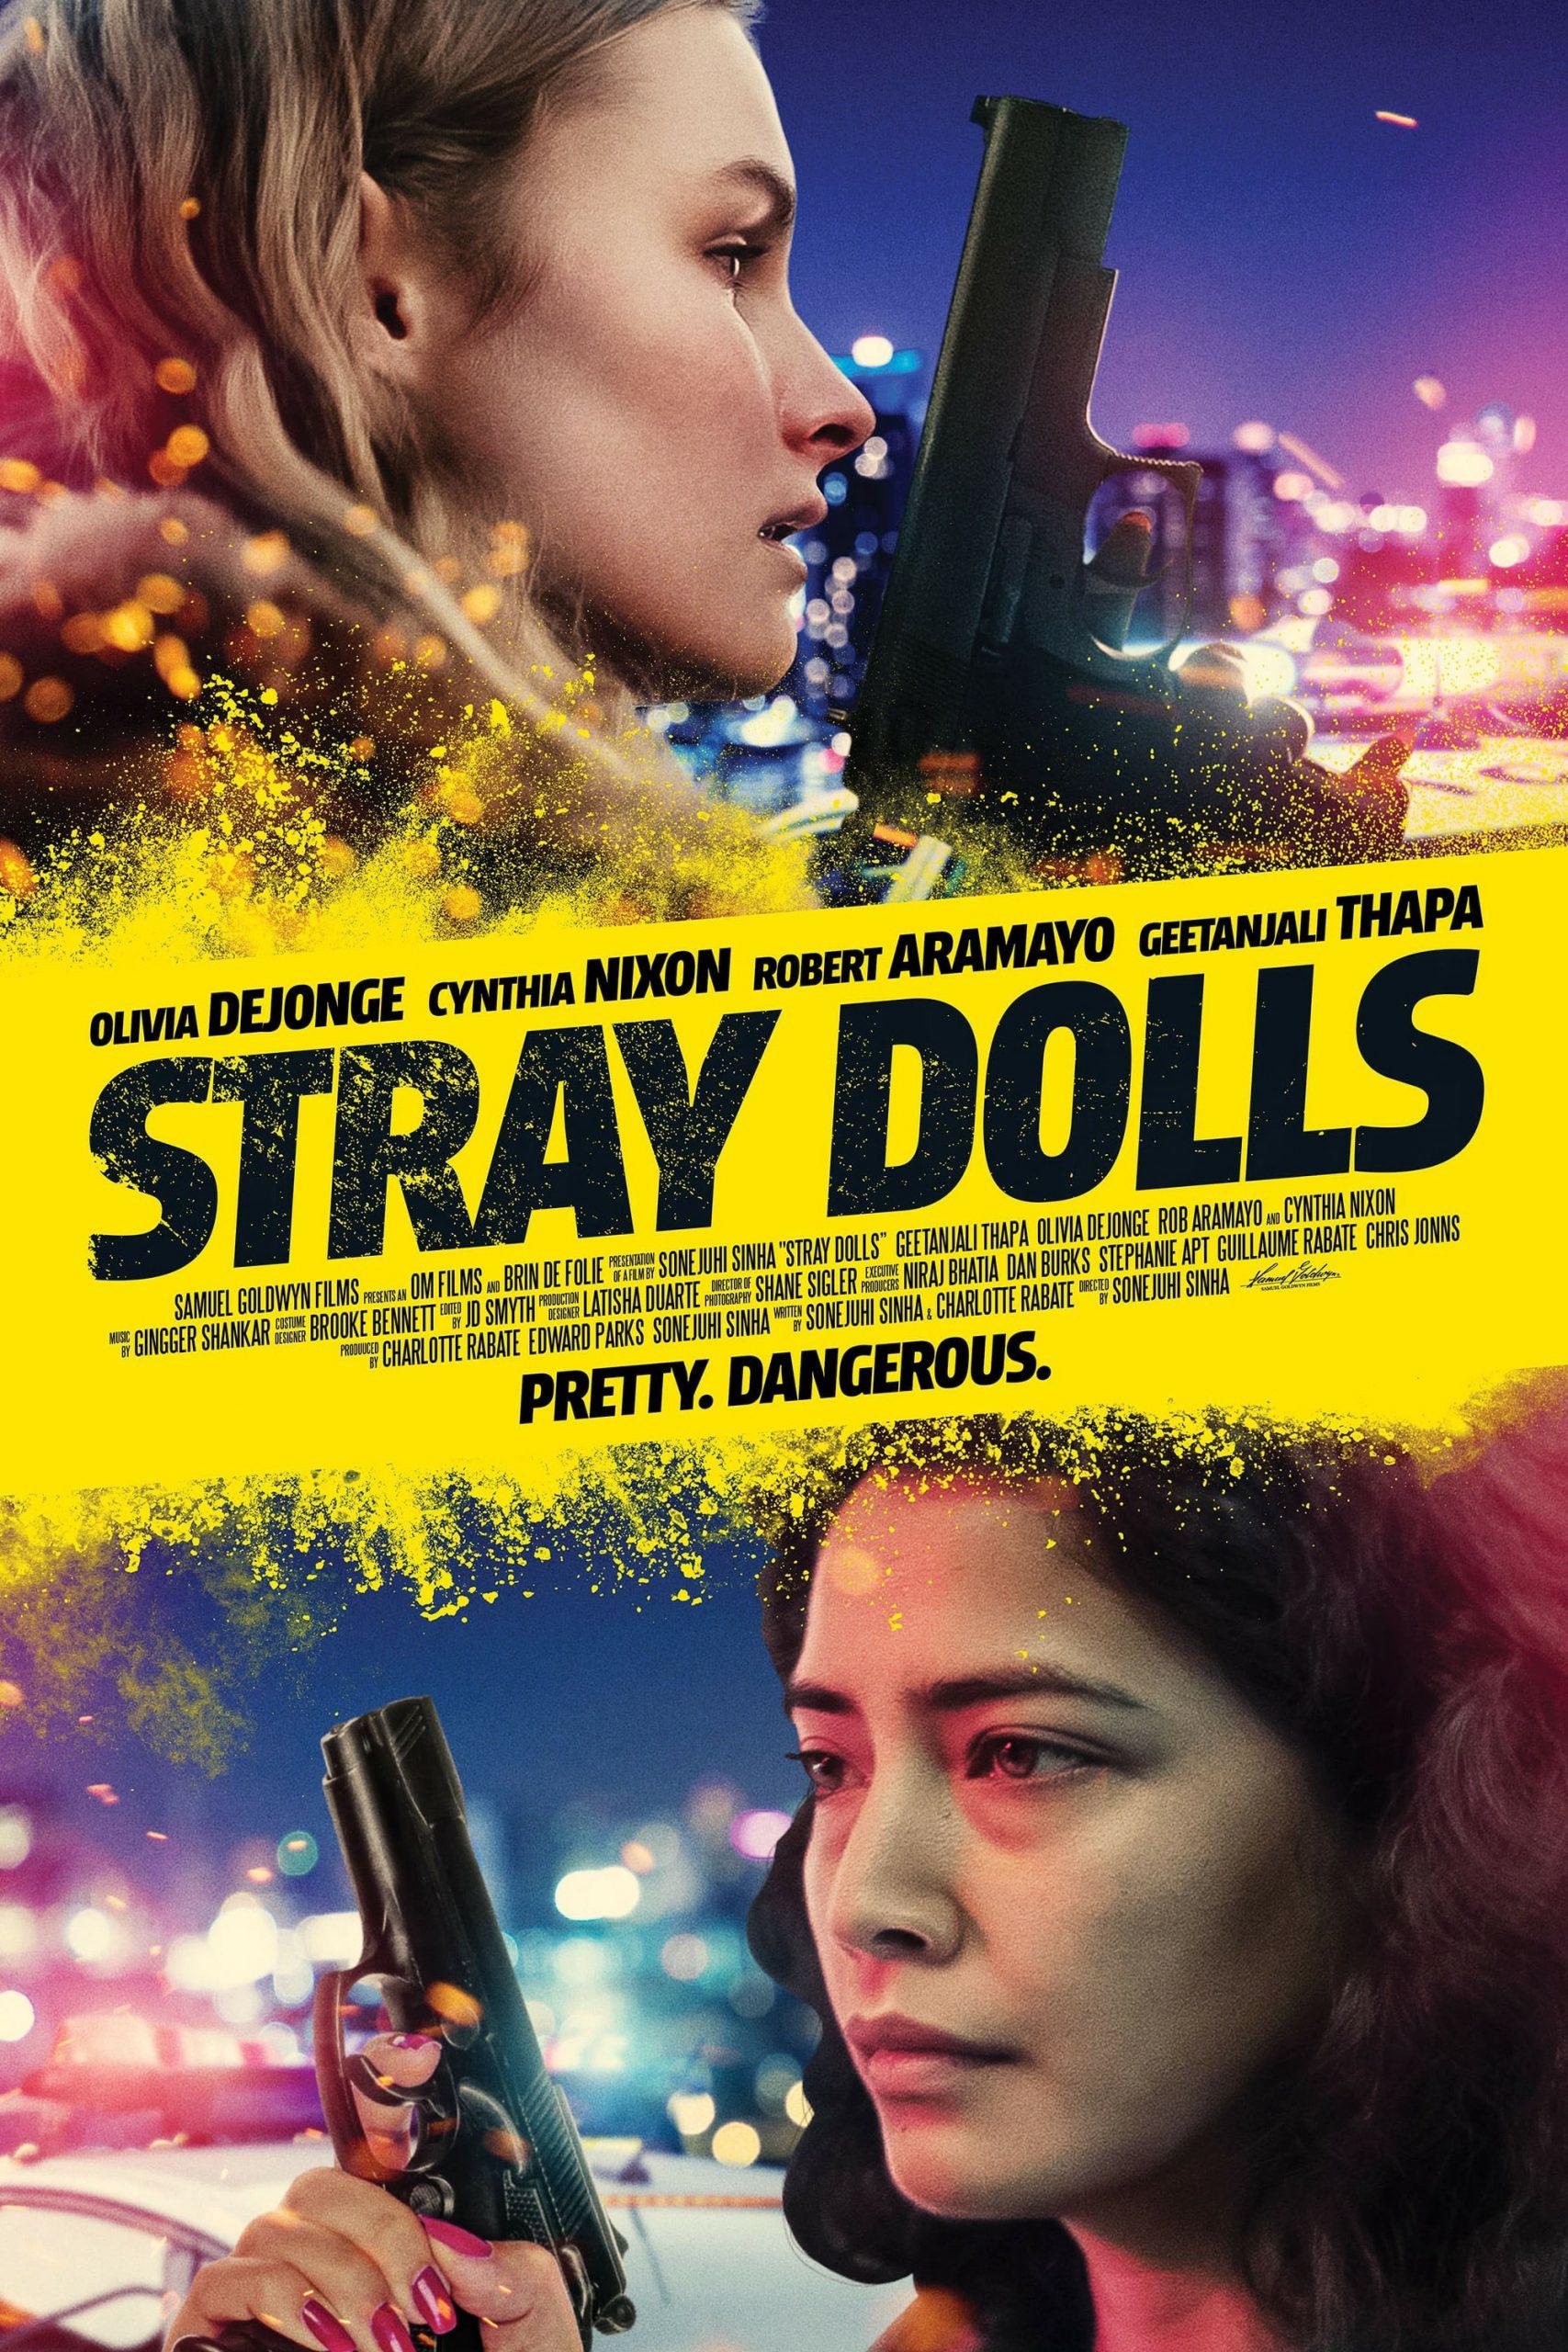 Stray Dolls Movie